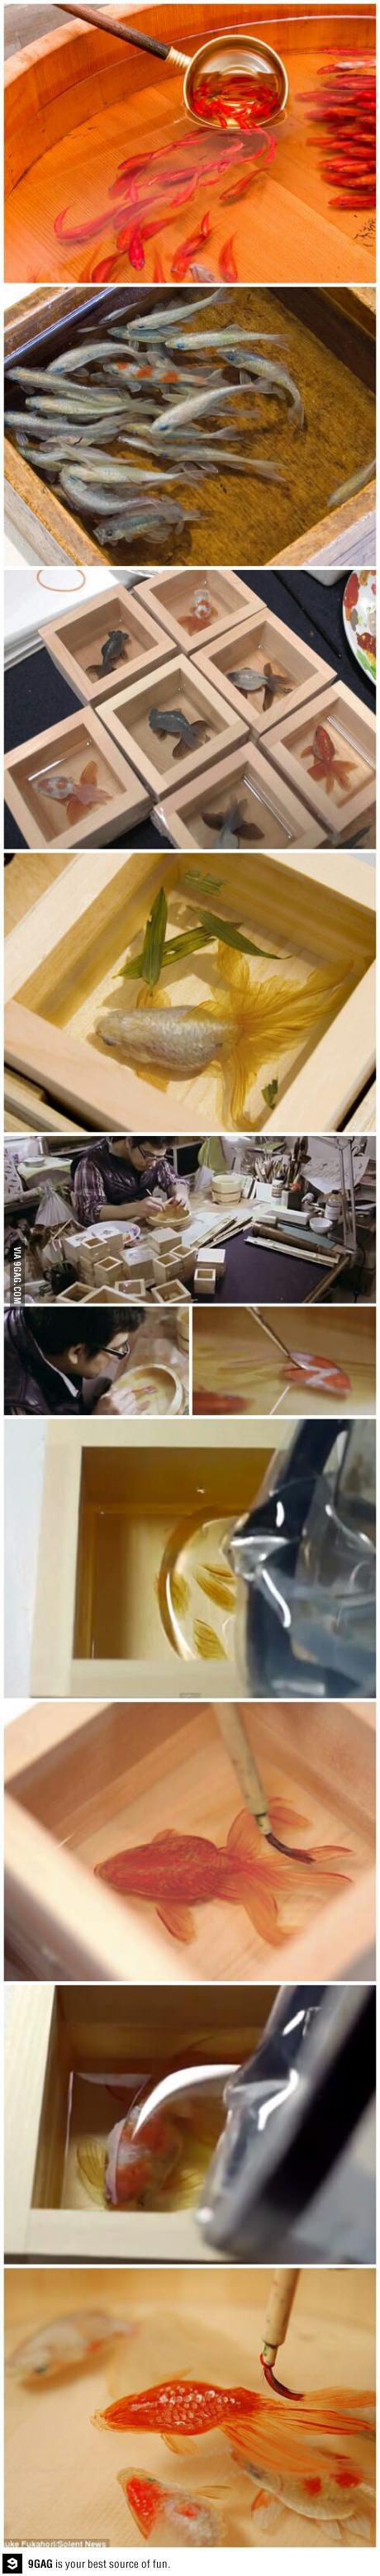 Incredibly Realistic D Goldfish Paintings By Riusuke Fukahori - Incredible 3d goldfish drawings using resin